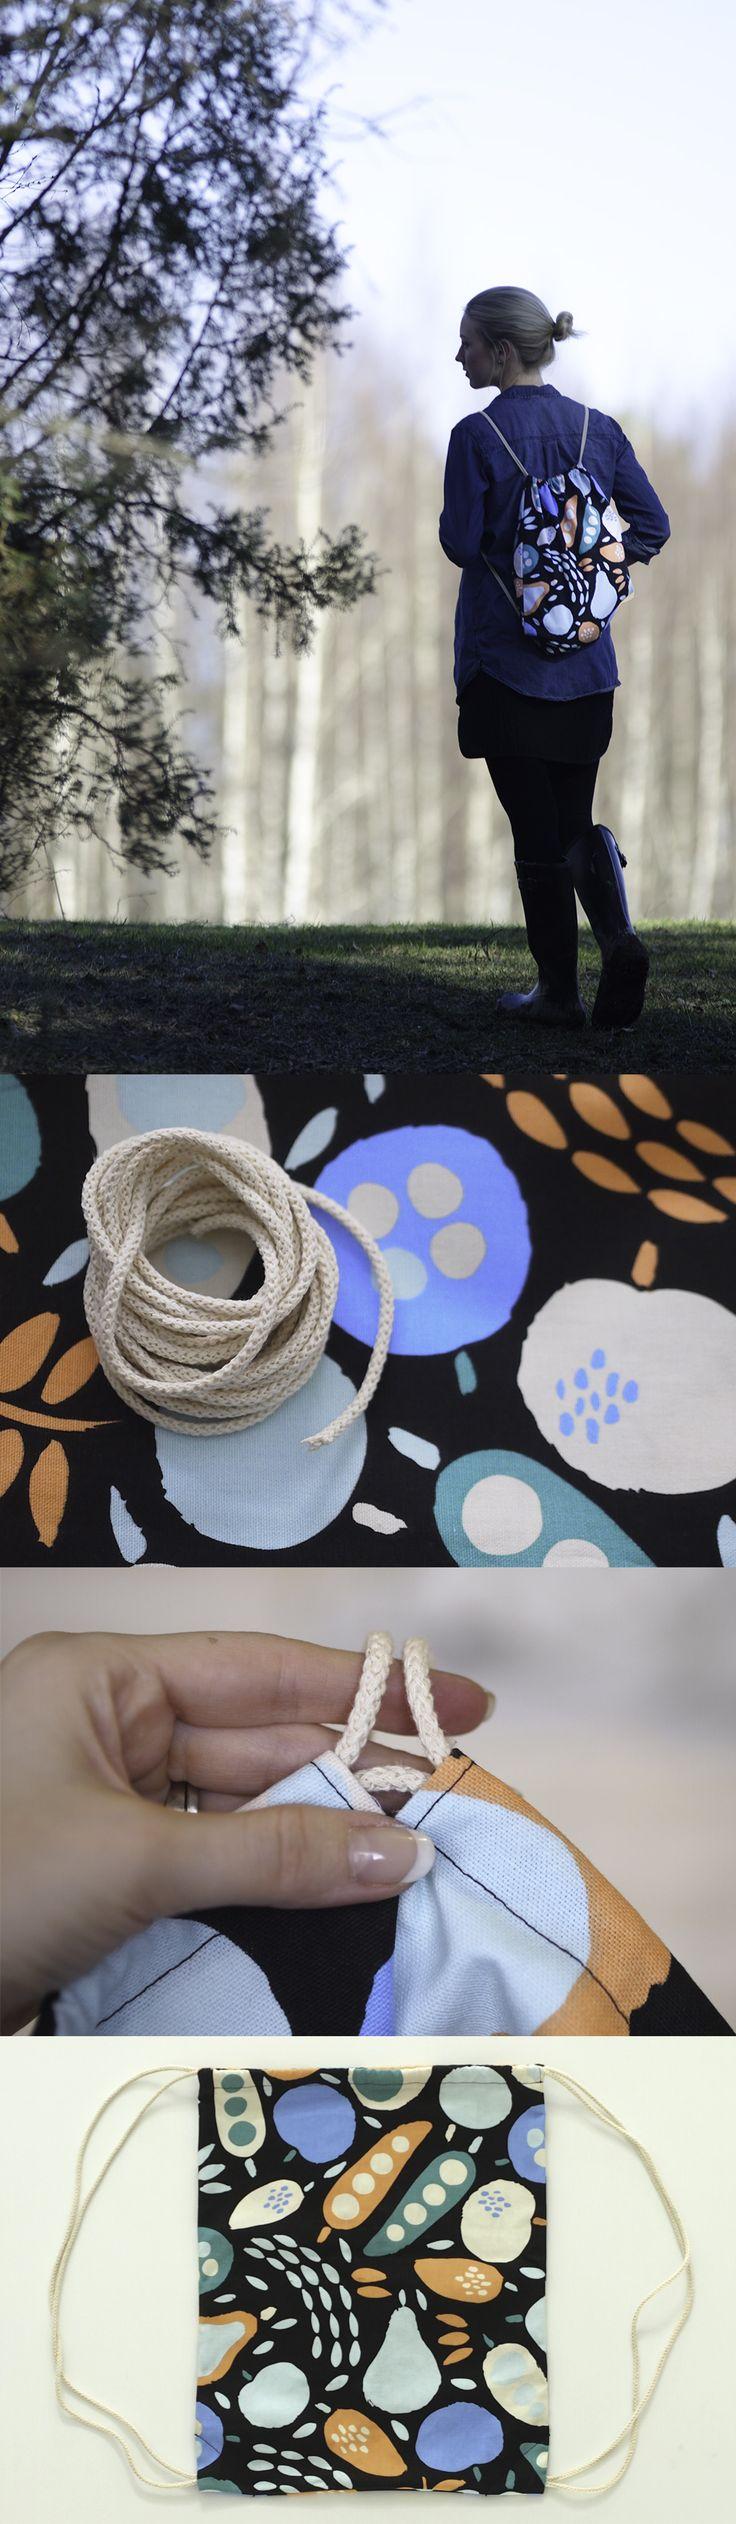 DIY narureppu // Tämä reppu on kevään ja kesän helpoin kantokaveri. Ompele suorakulmaisen pussin yläreunaan päistä auki olevat nauhakujat ja pujota alakulmista alkavat kantonarut molempien kujien läpi palaten takaisin kulmaan.